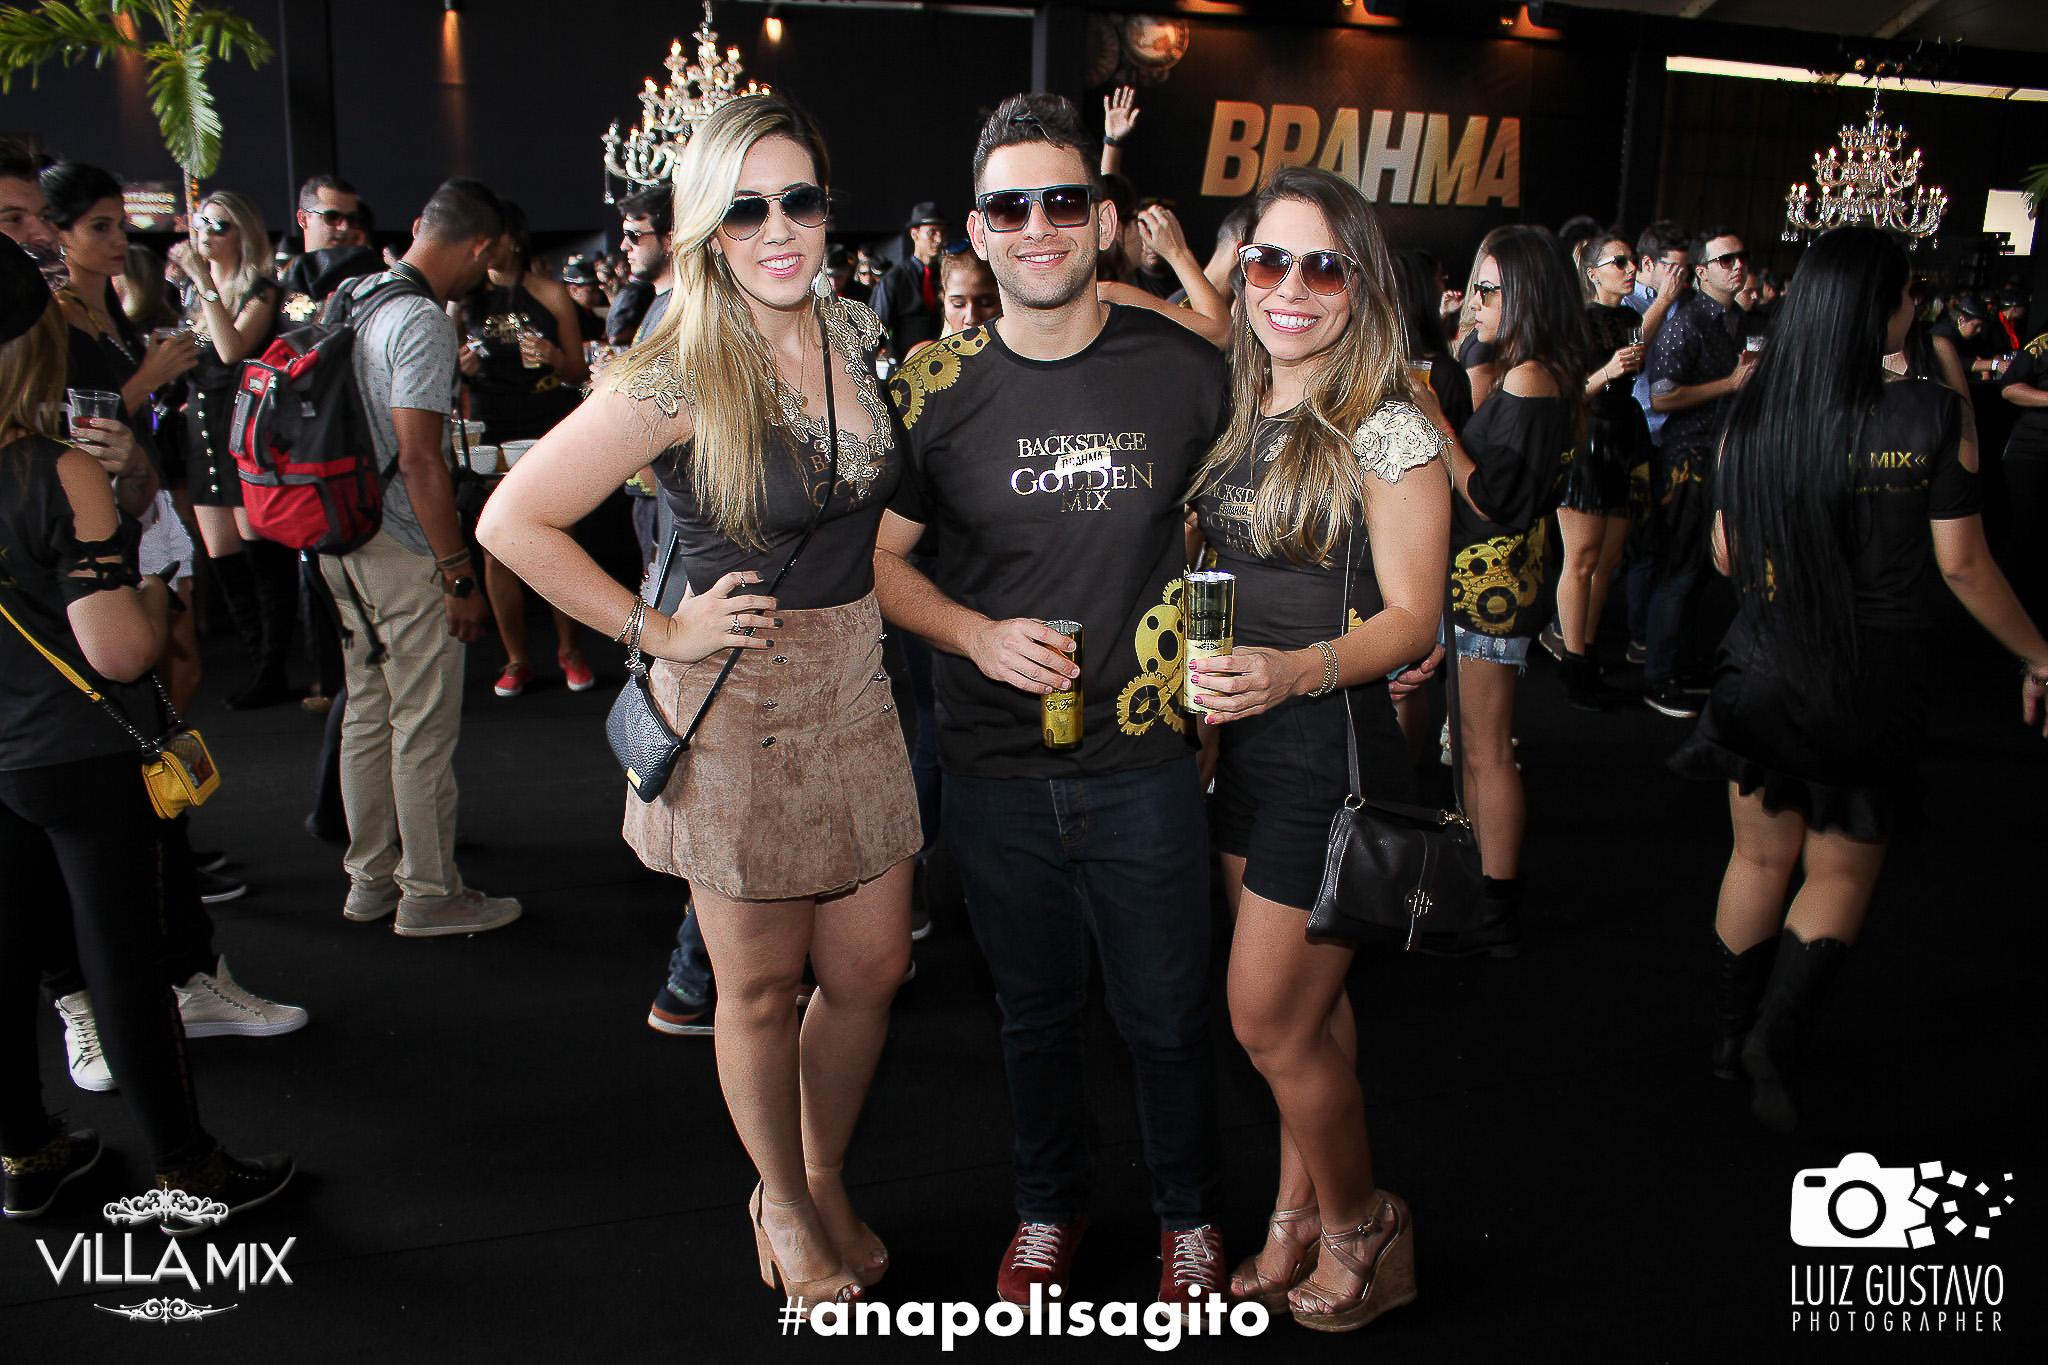 Luiz Gustavo Photographer (29 de 327)